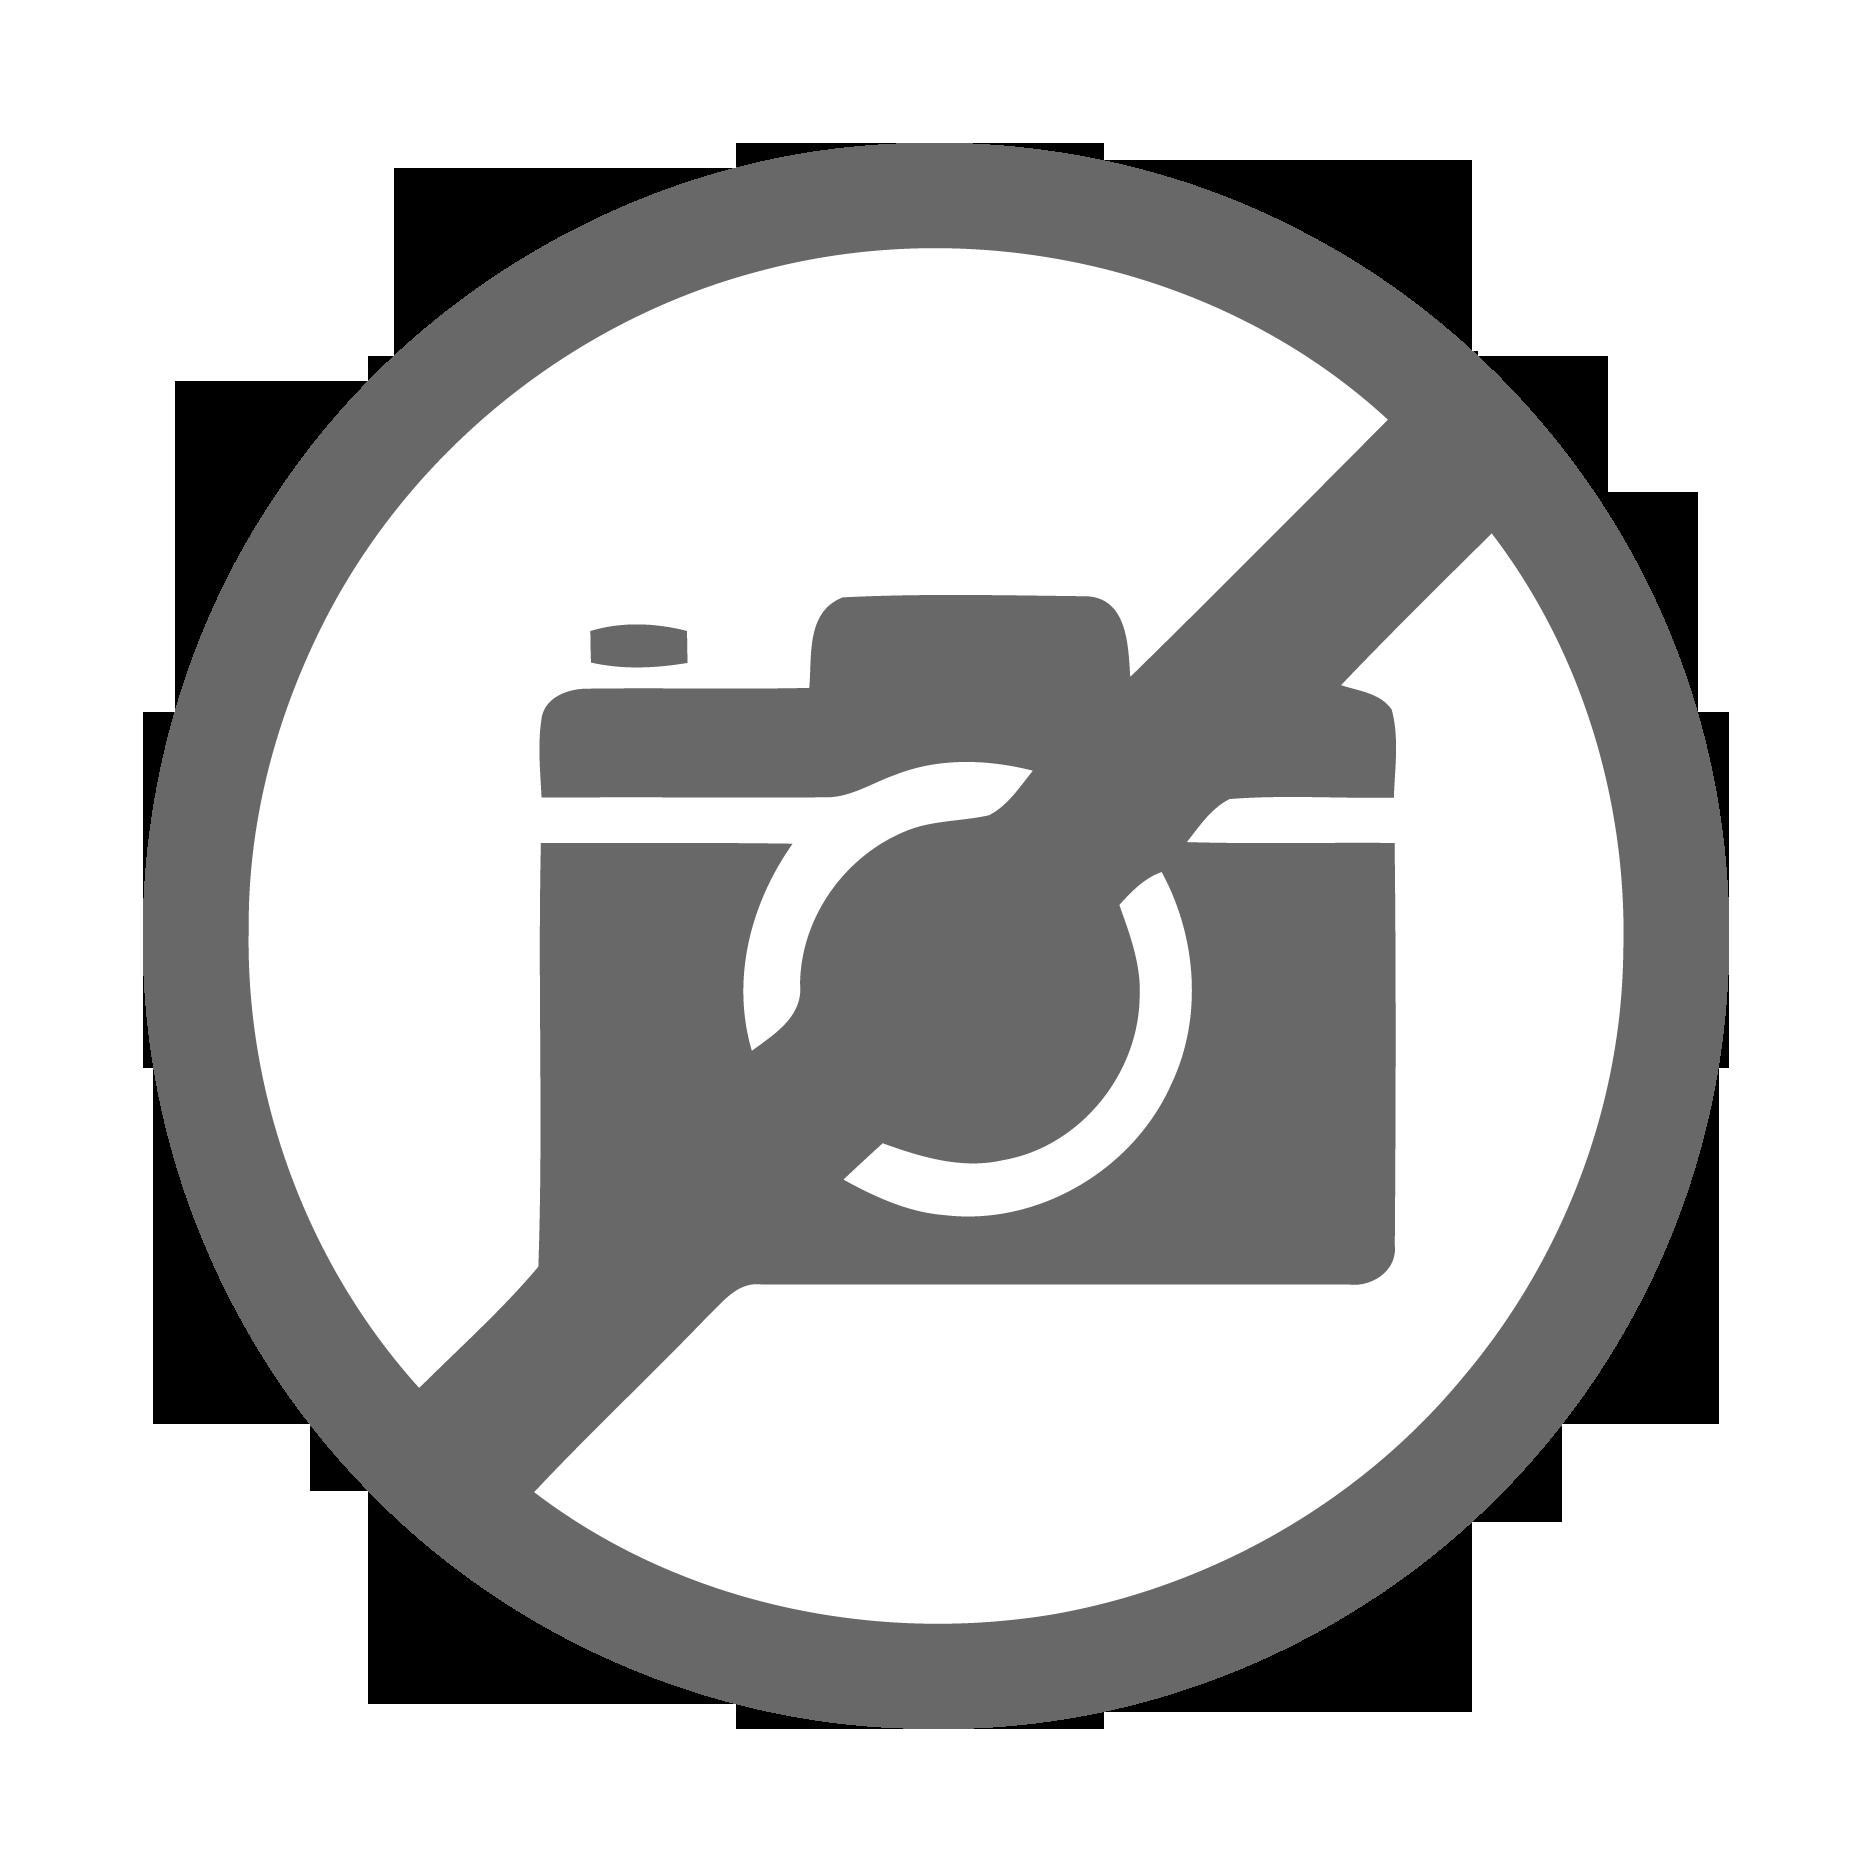 печать на пакетах с логотипом в иркутске